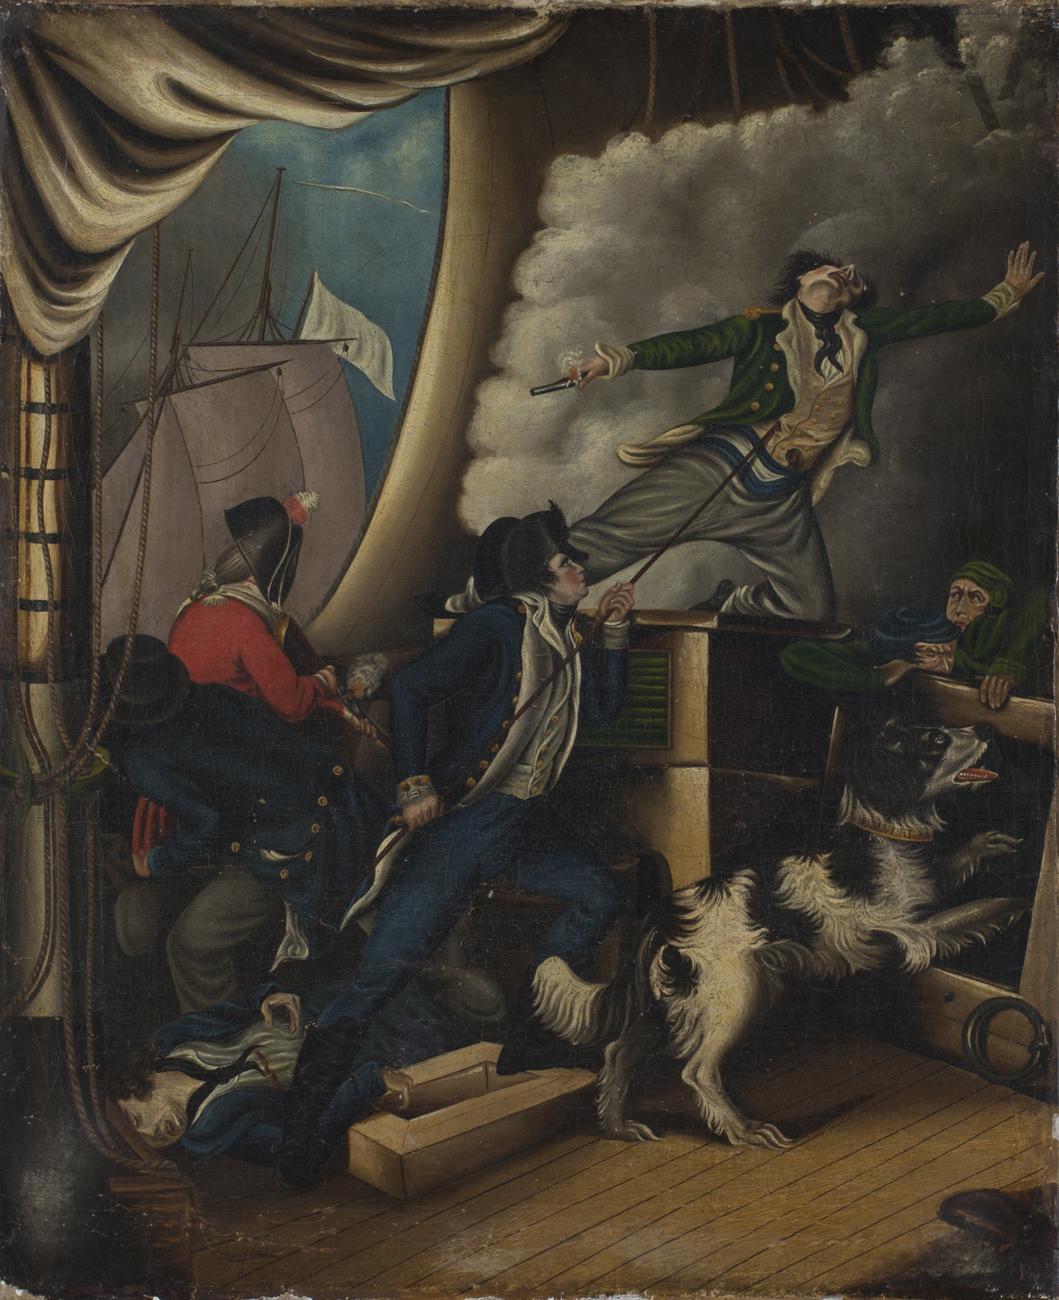 british provincial school 39 h m s wolverene off boulogne 4th jan 1799 her captain lewis mort. Black Bedroom Furniture Sets. Home Design Ideas